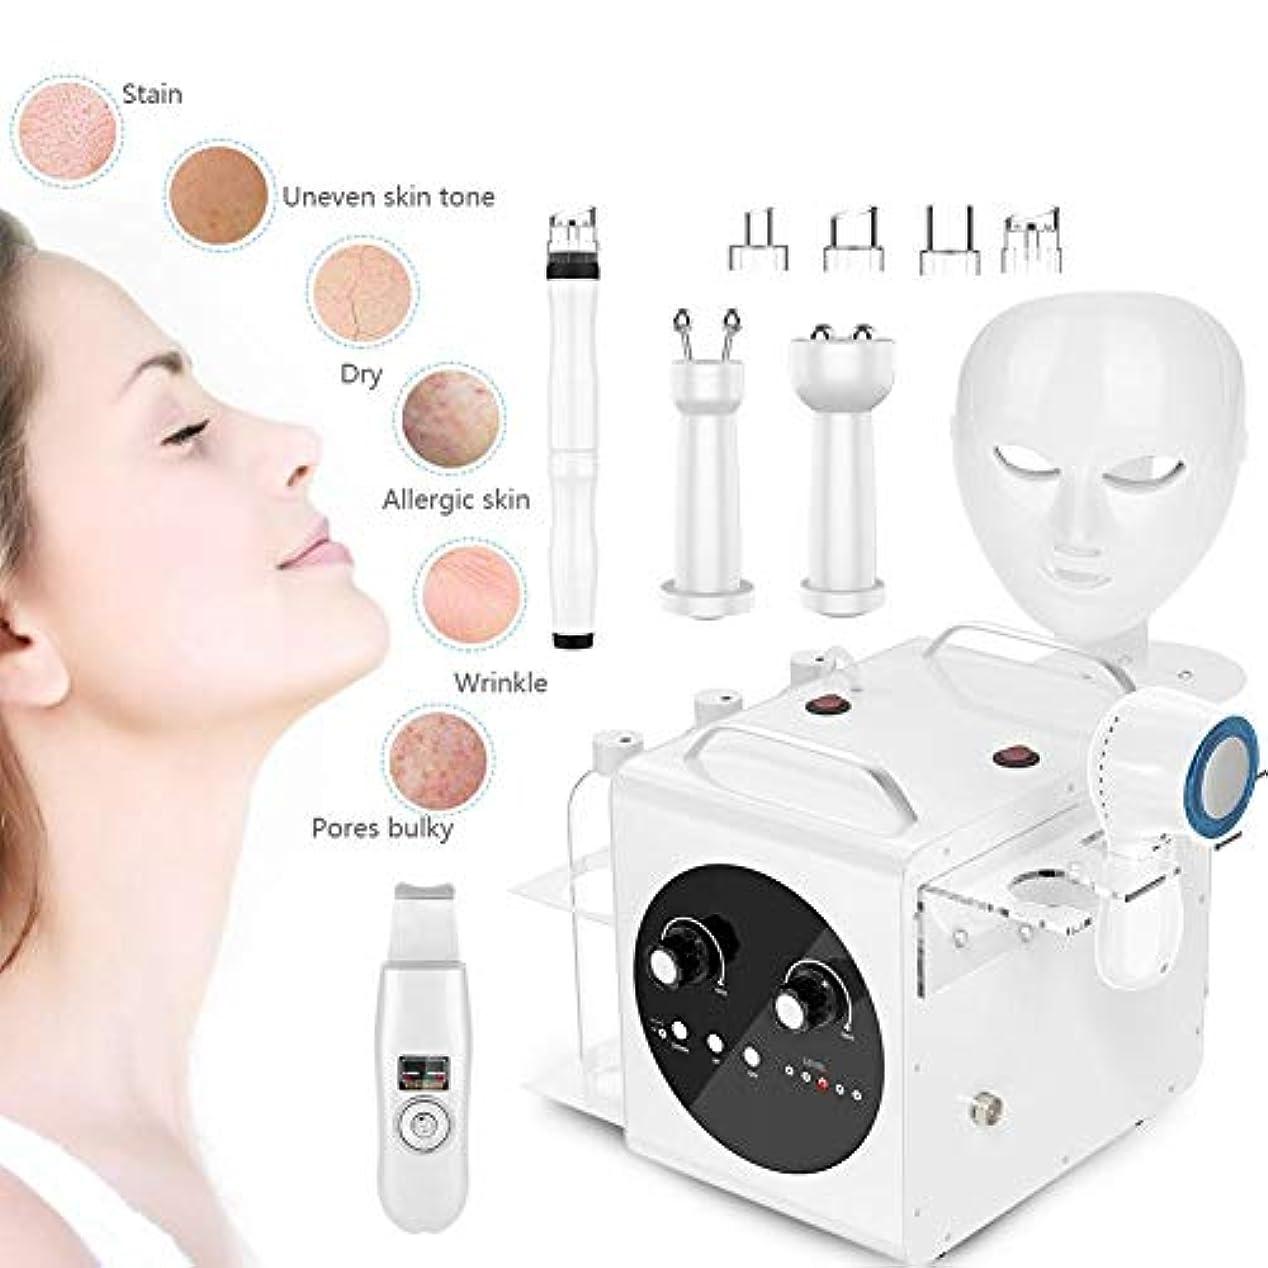 インタラクションキャプテン優越7に1つの酸素ジェット顔の肌の引き締めケアに黒ずみの除去、肌の引き締め、美白、肌の若返り、ホームサロンの使用のための超音波真空RFマシン(110-240v)